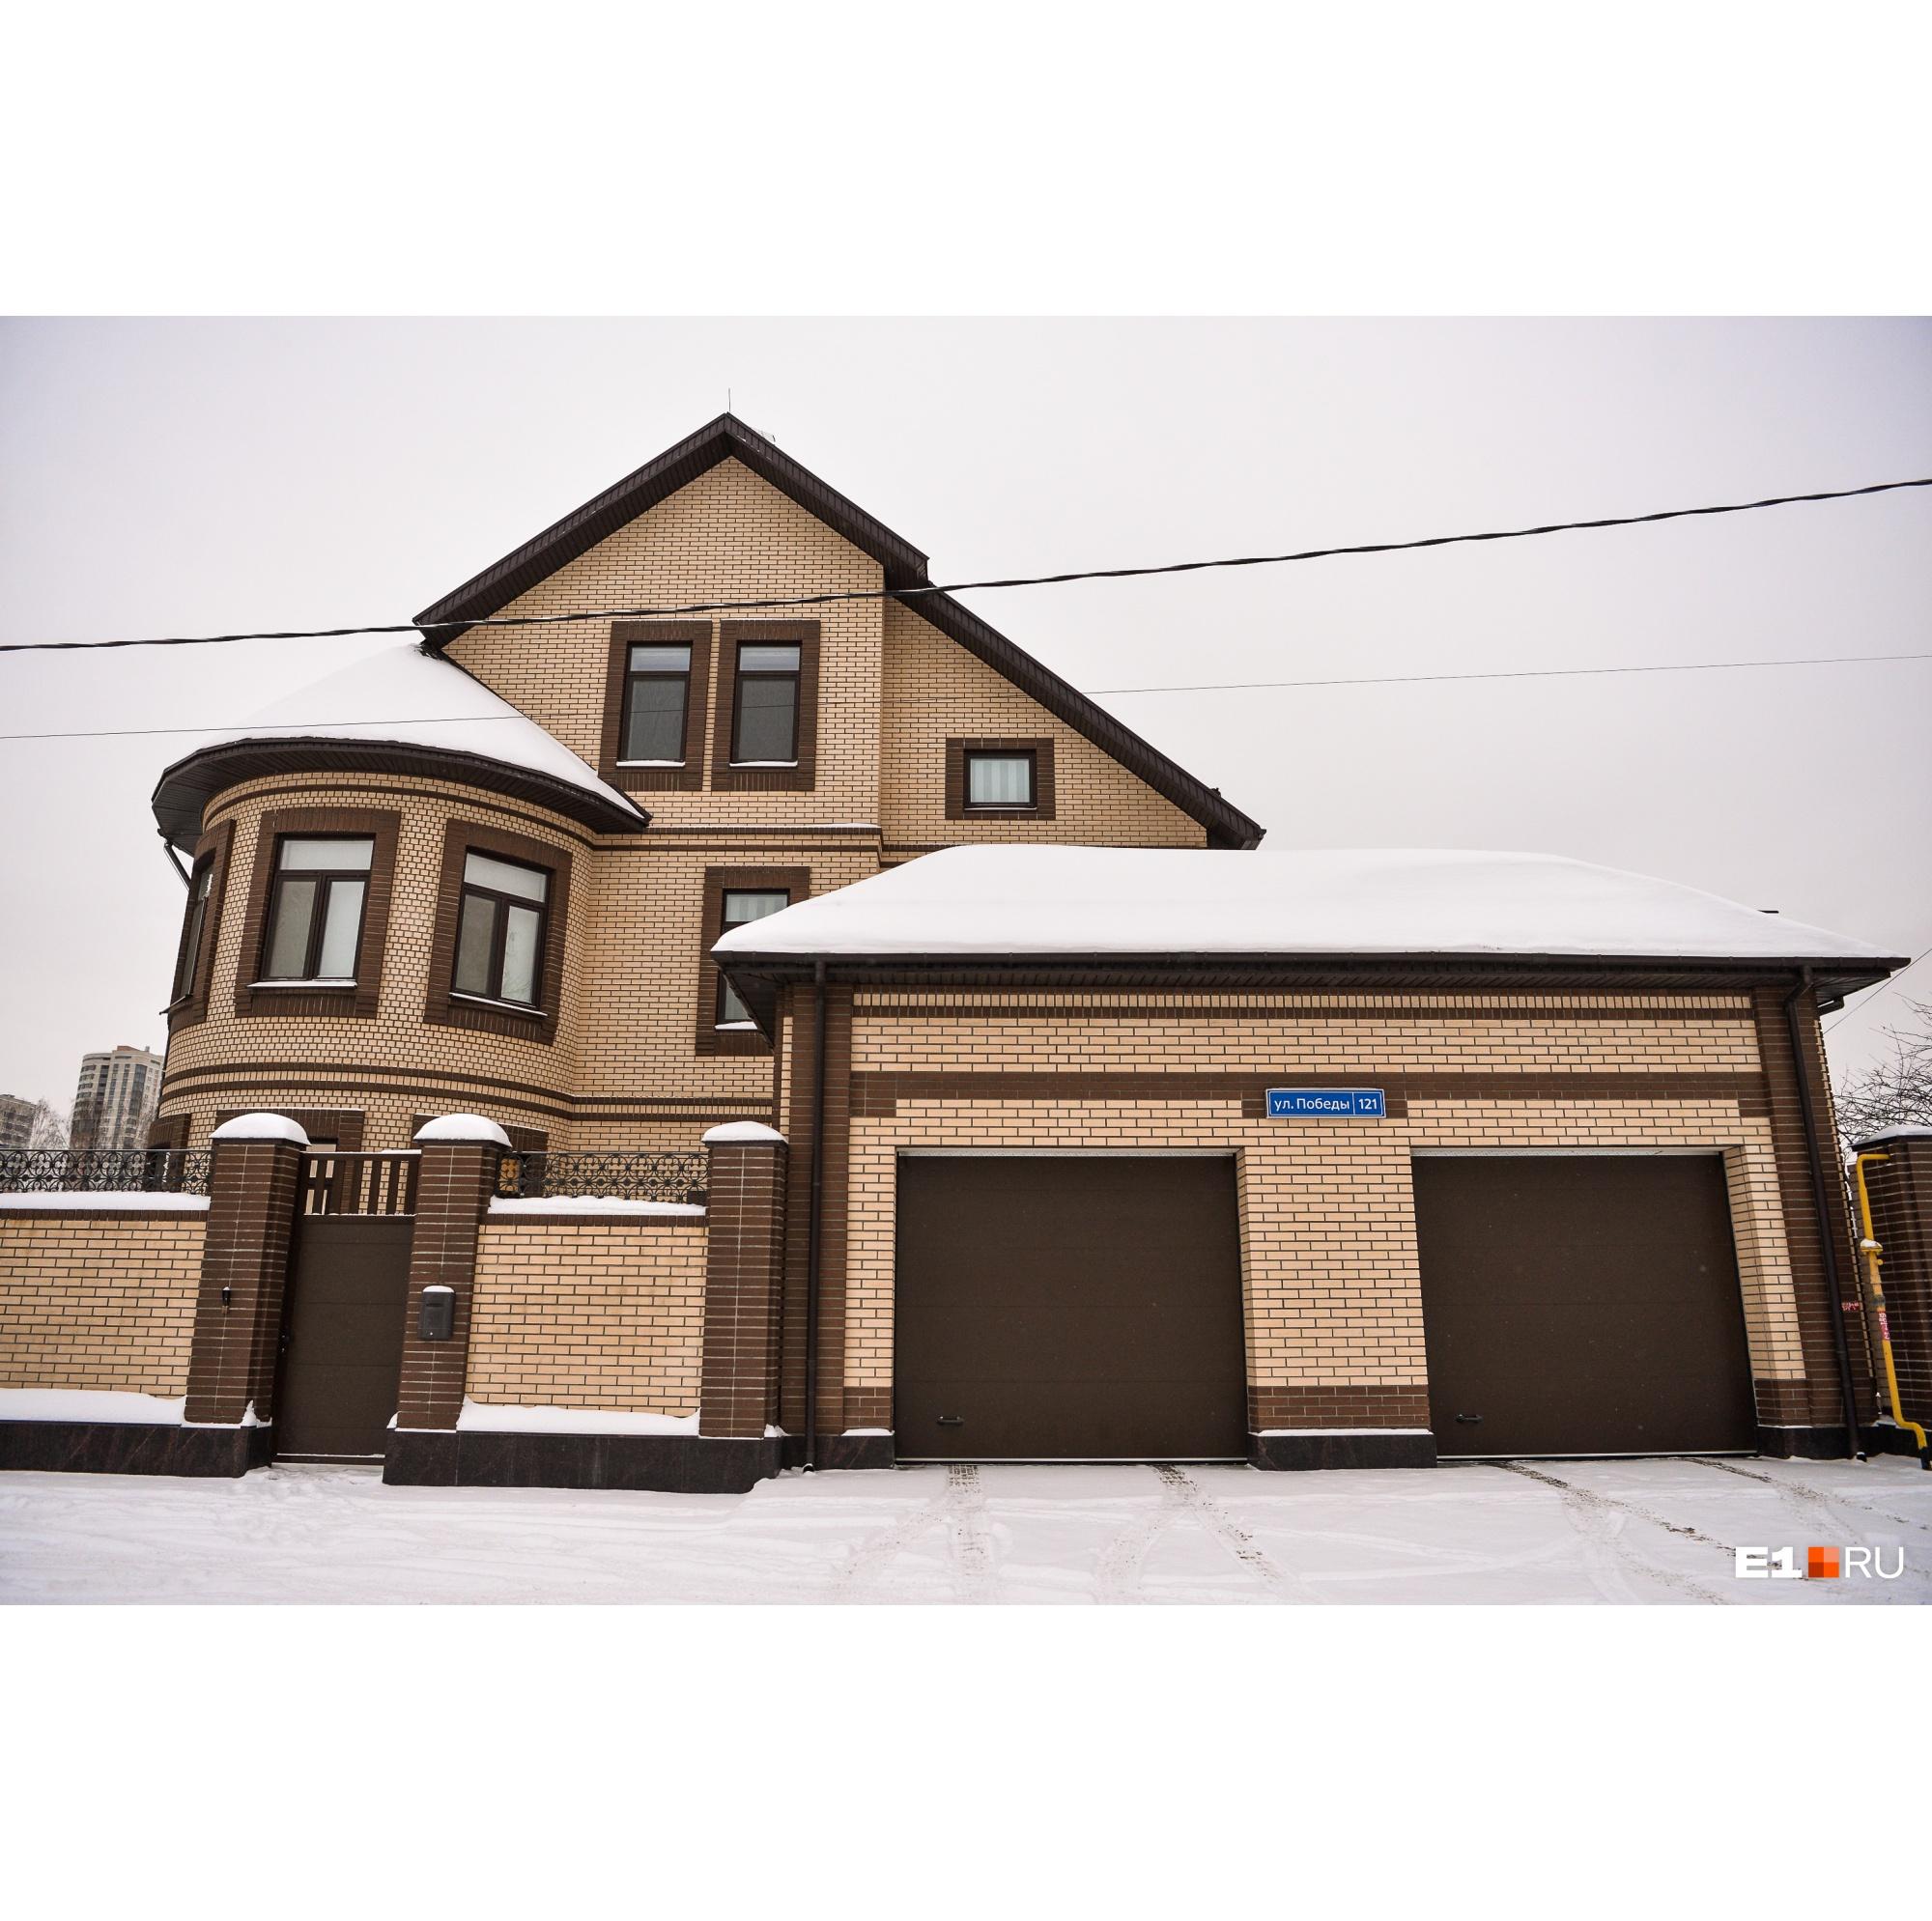 В квартале дорогих коттеджей встречаются дома-замки